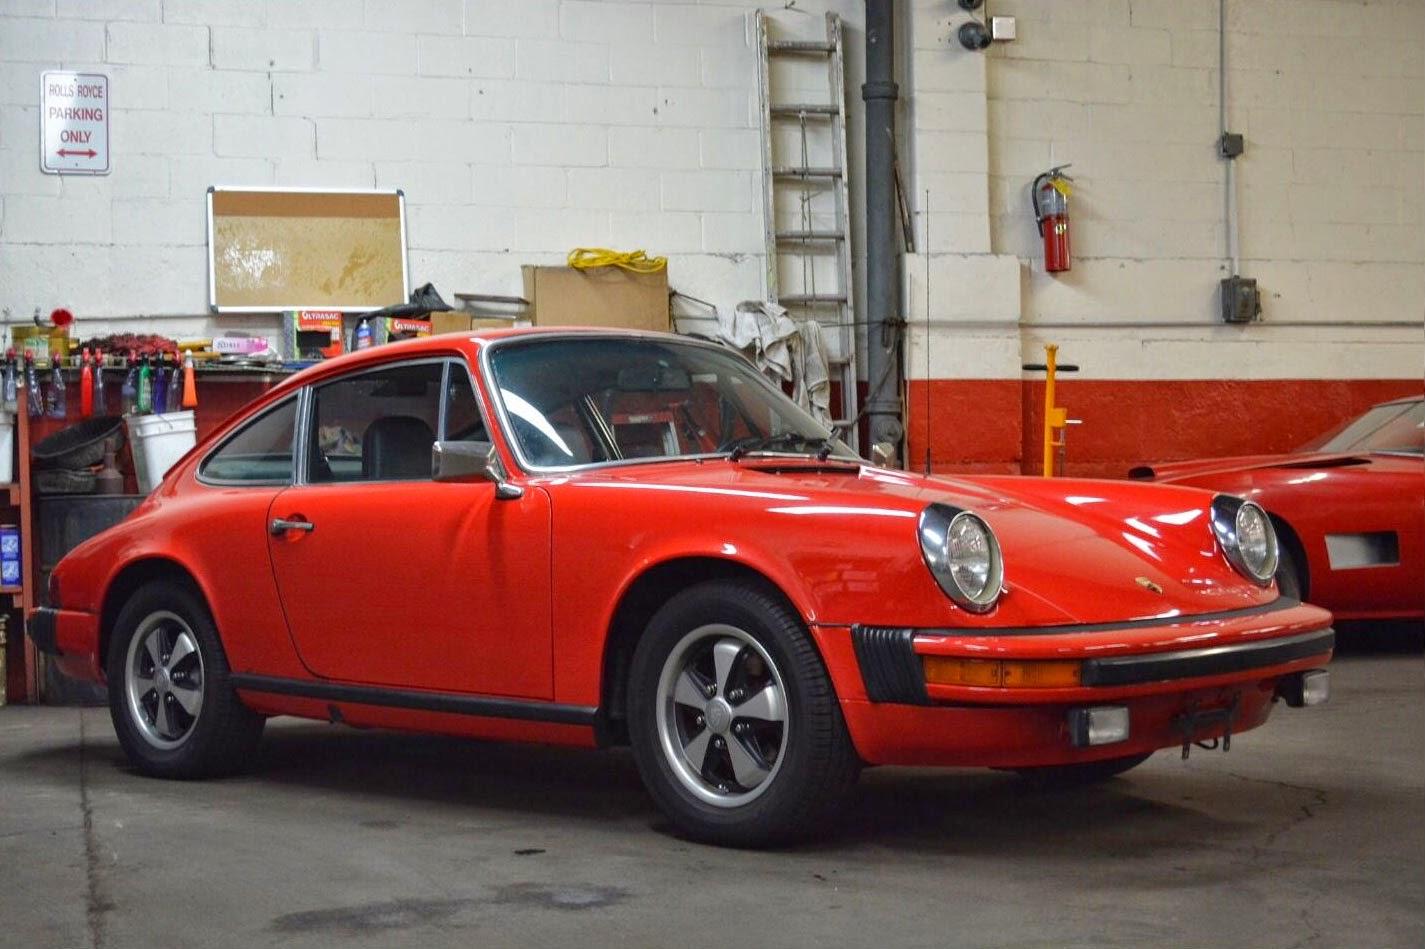 1976 Porsche 912e Excellent Condition Buy Classic Volks